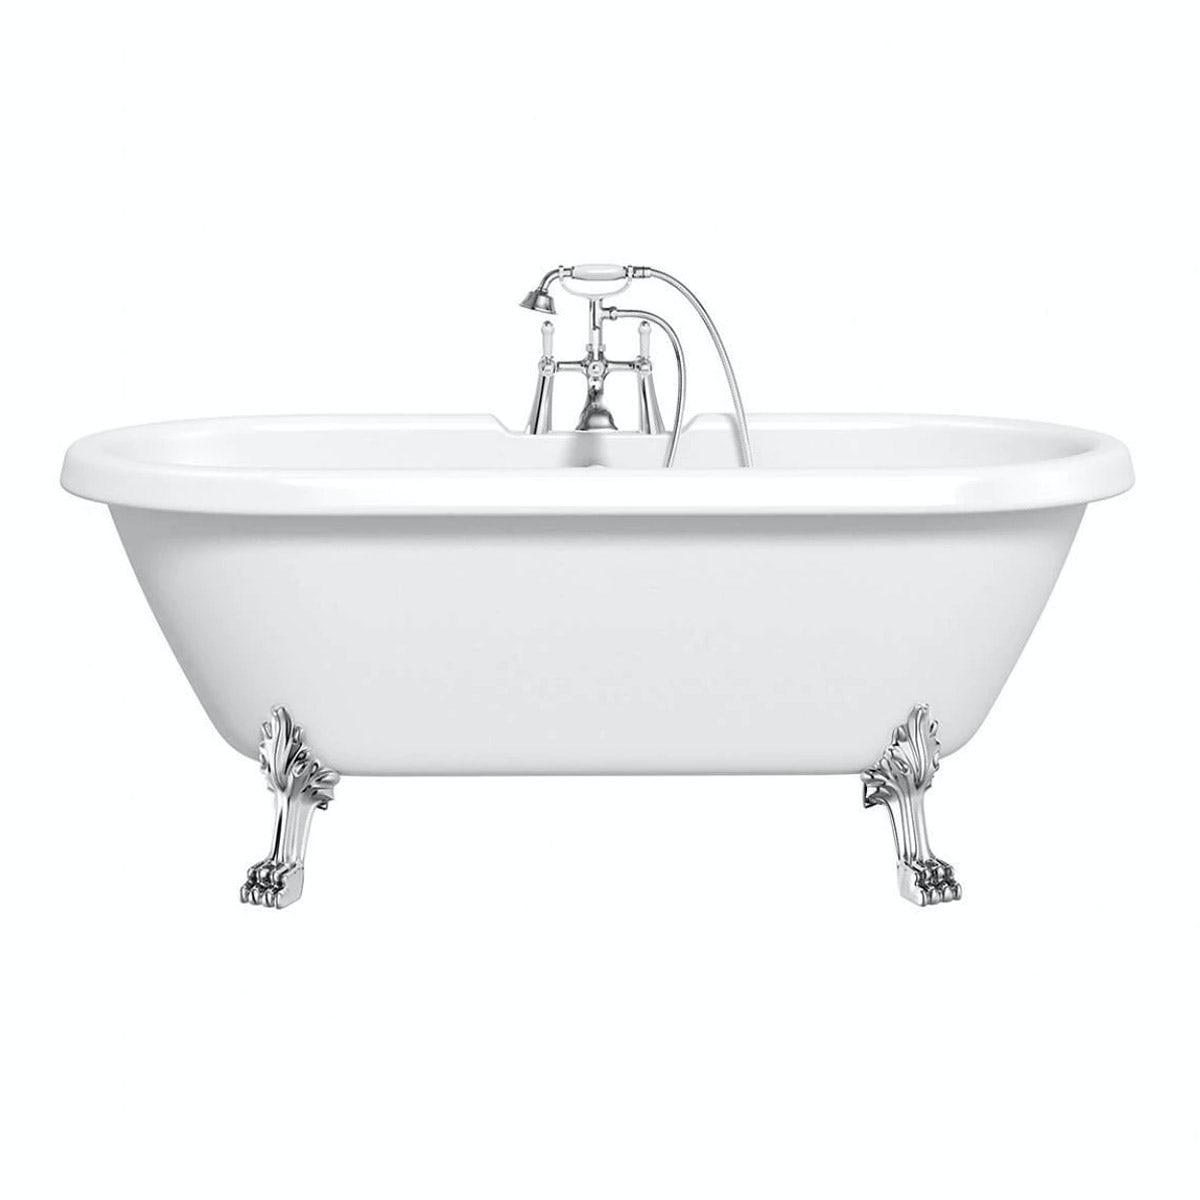 Dulwich Roll Top Bath Small with Dragon Feet